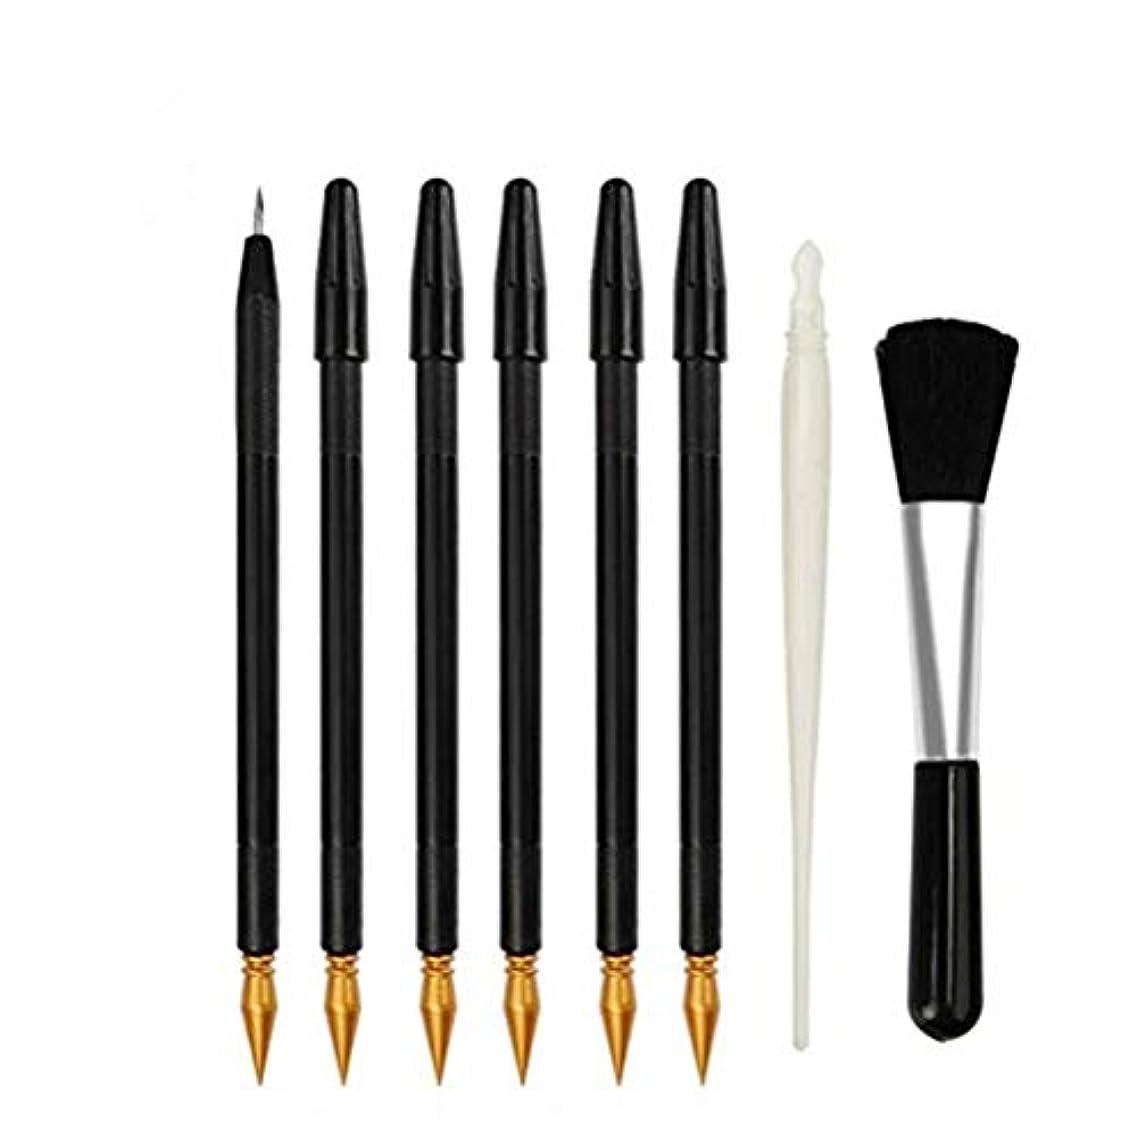 安定しました思いやり小麦粉SUPVOX 8本のスクラッチアートツールスクラッチペーパーカラーペンとブラシ